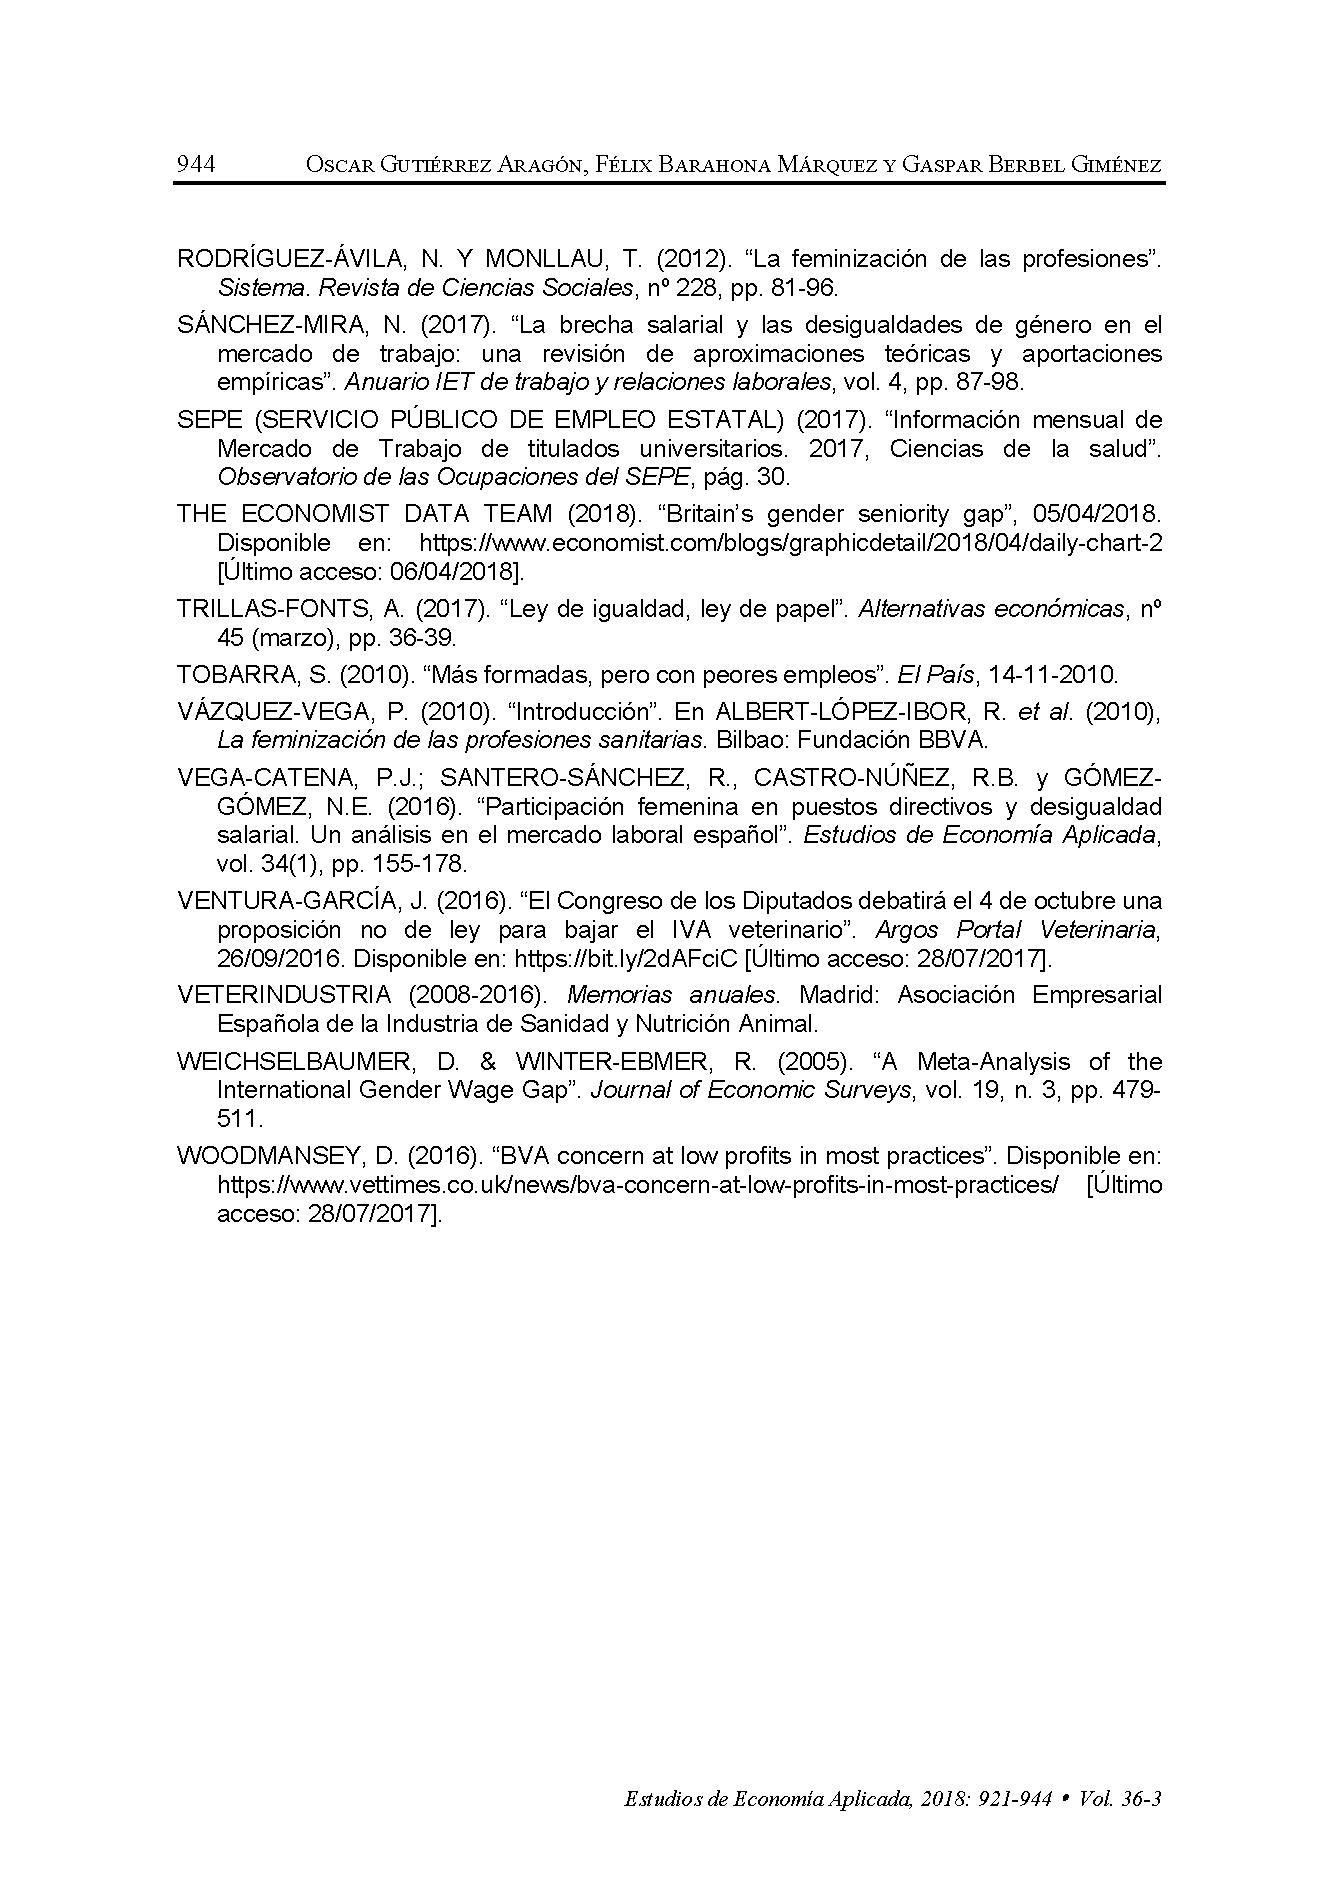 Efectos incremento IVA sobre condiciones laborales sector veterinario (EEA)_Página_24